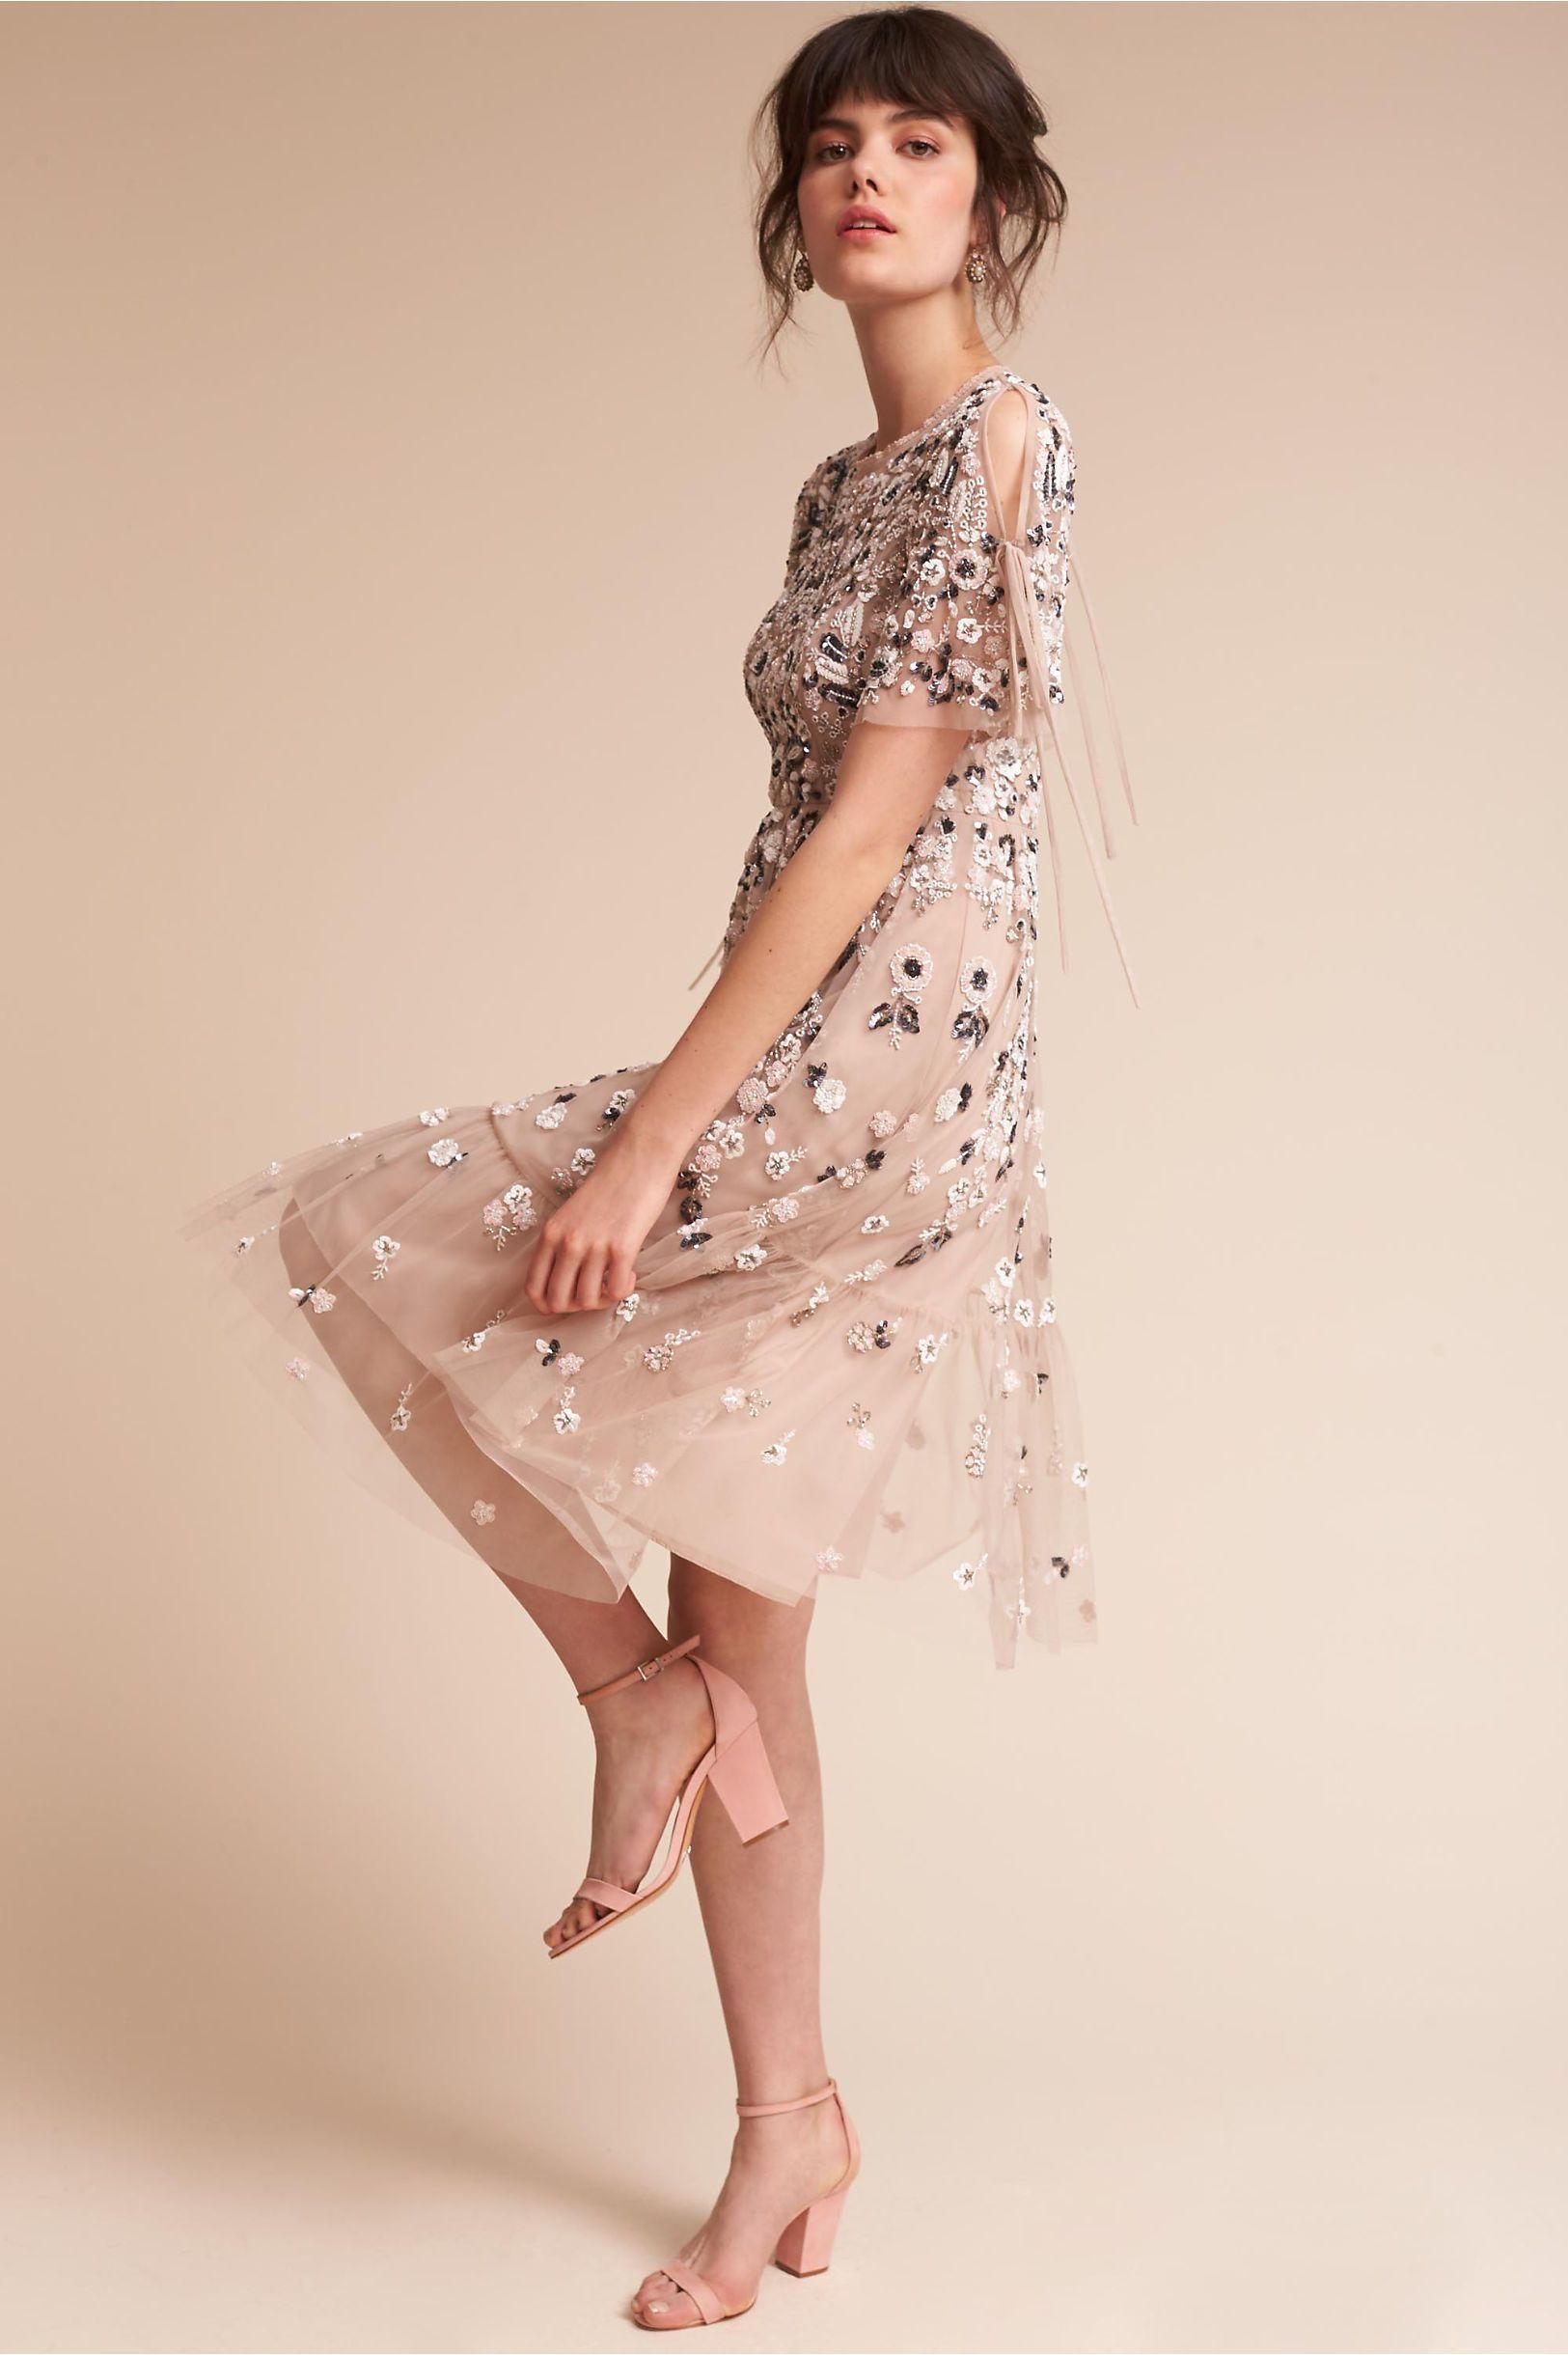 e3d8cee8e4a BHLDN s Needle   Thread Bobbi Dress in Champagne